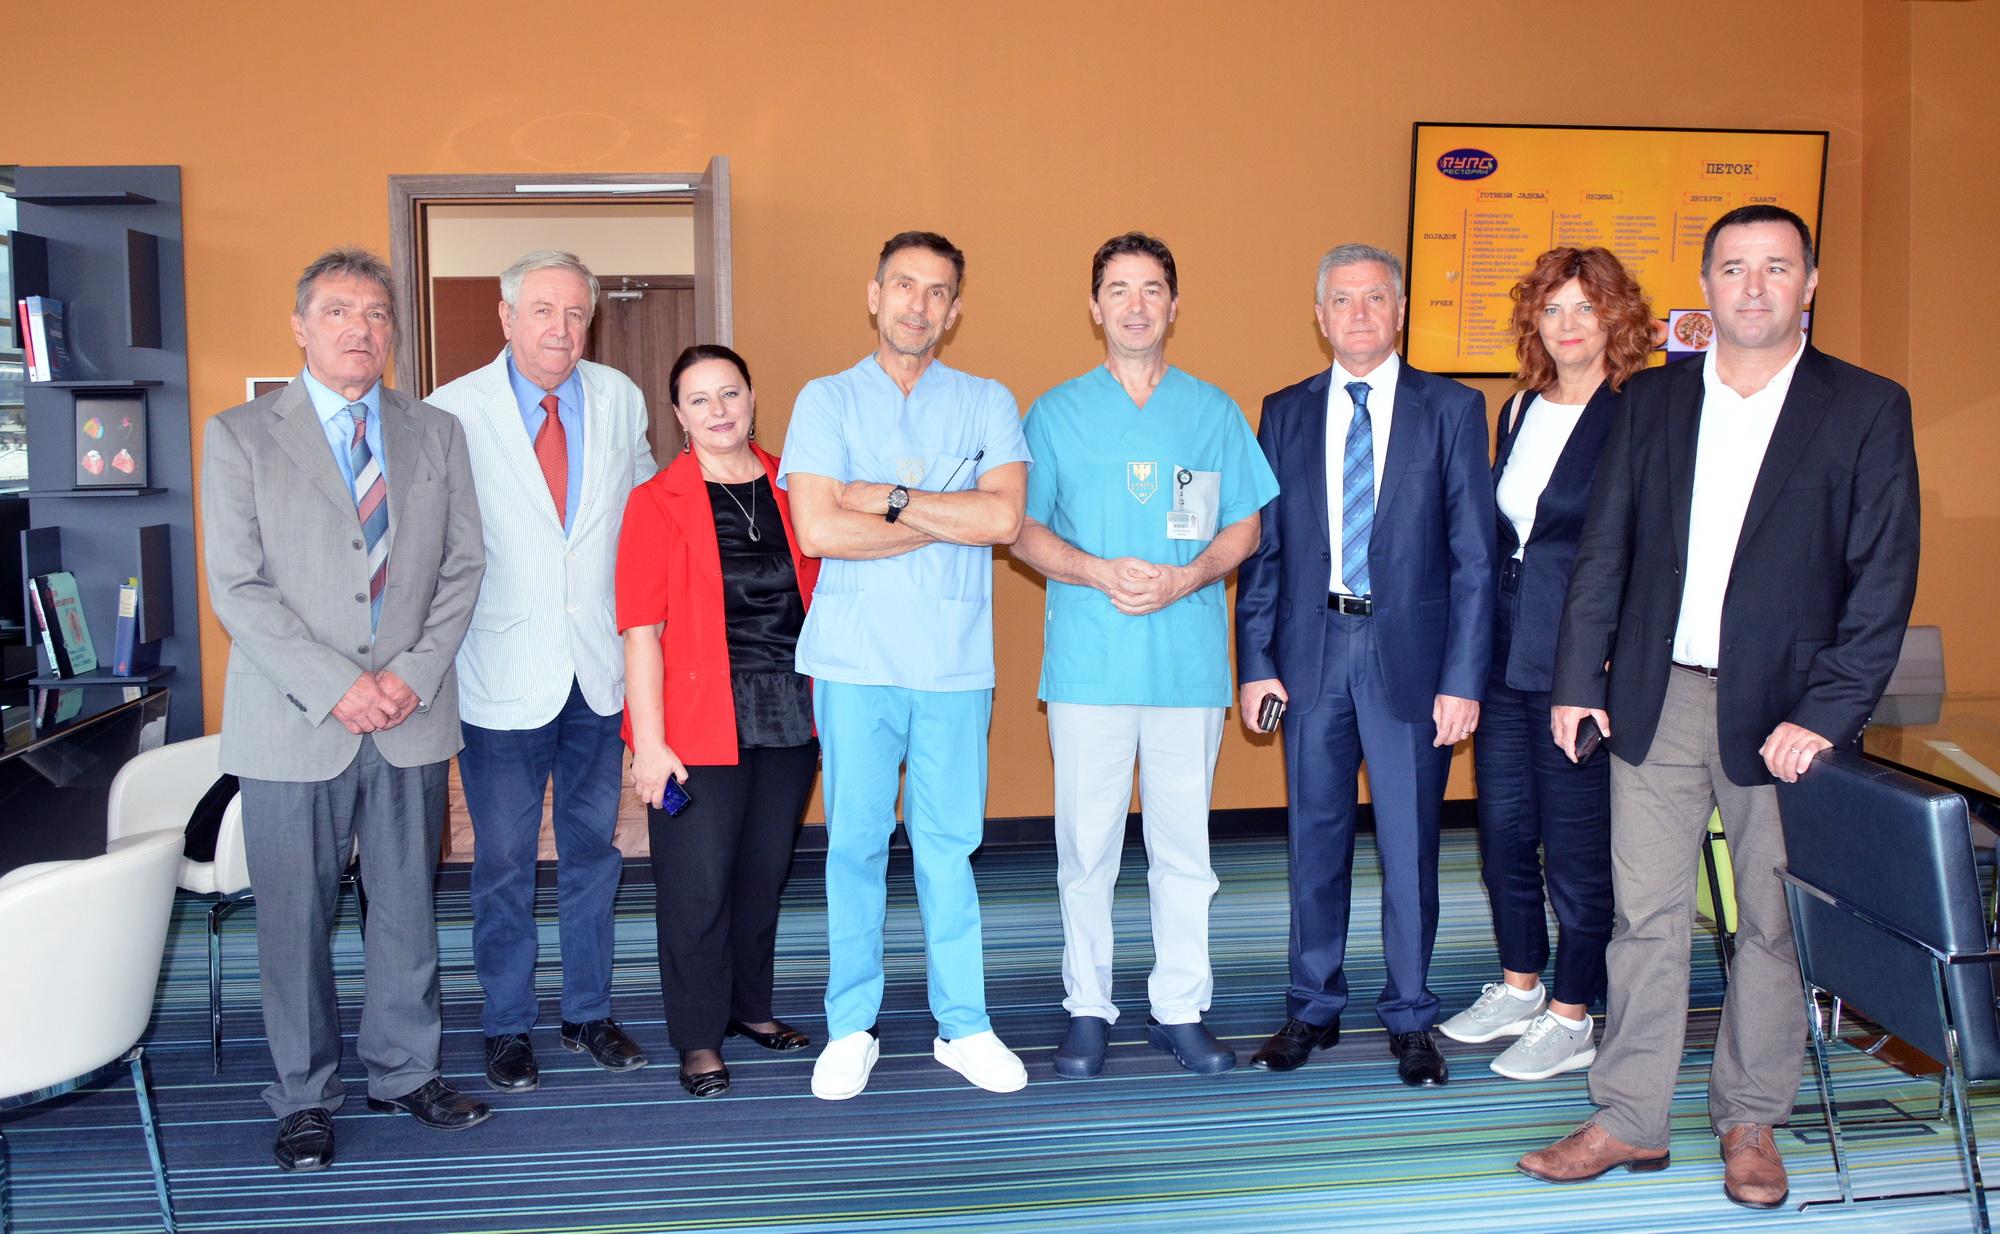 The Shibenik Mayor Zheljko Buric Meets With Dr. Zhan